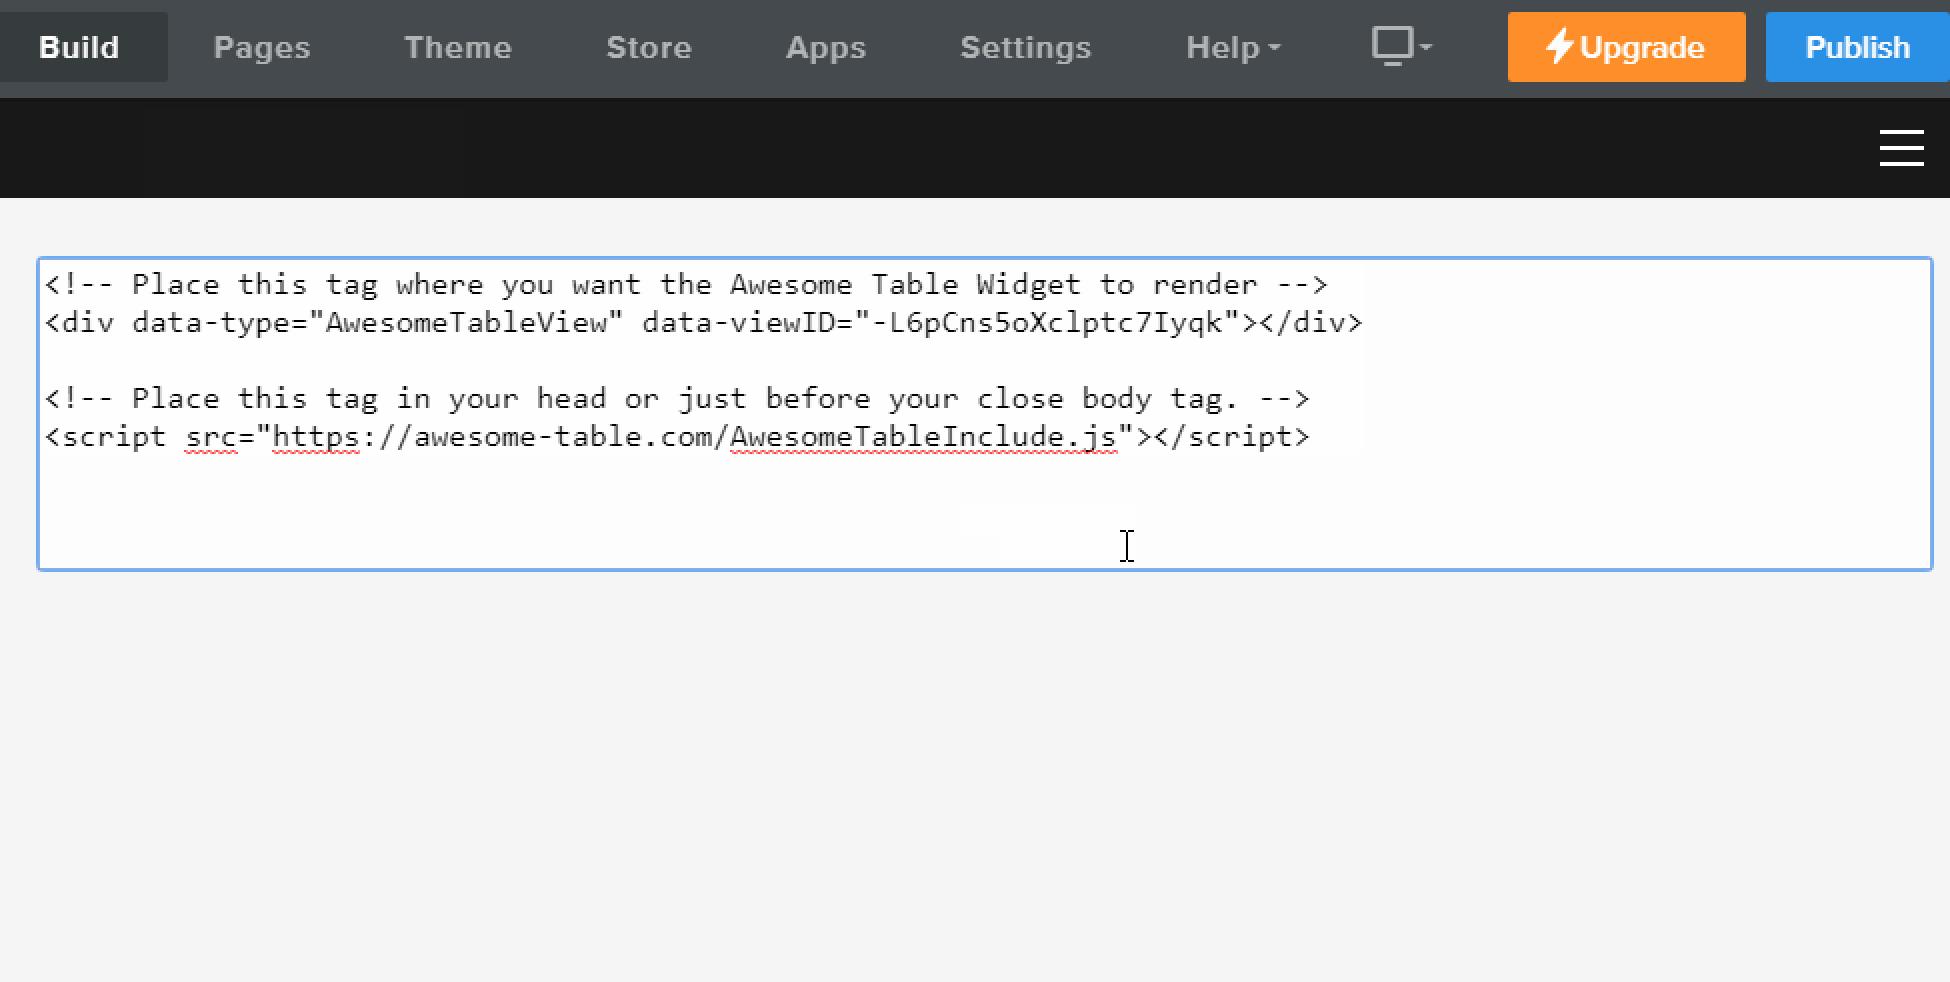 Screenshot_2020-05-07_at_16.06.30.png